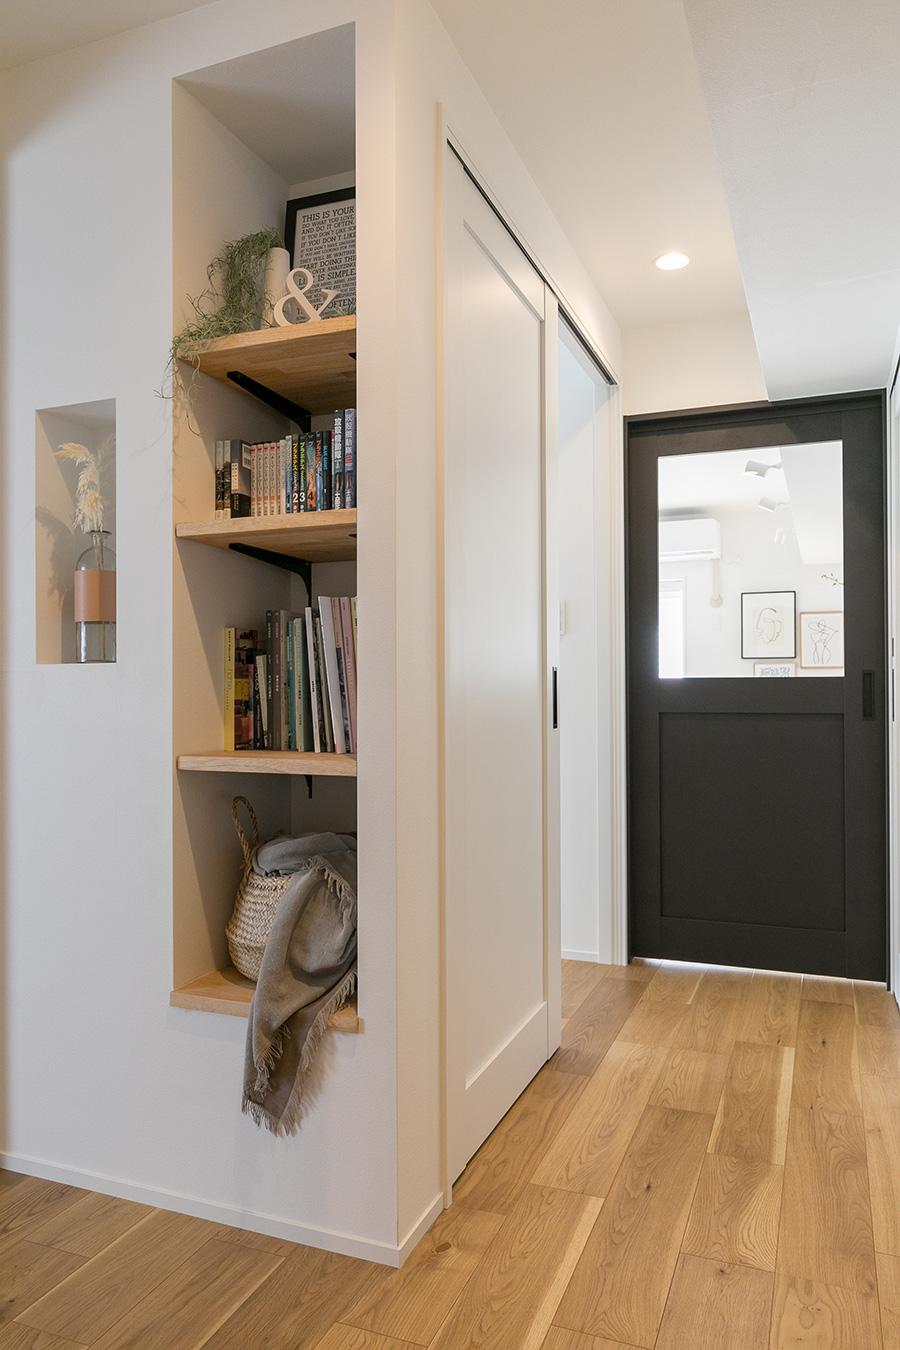 玄関からリビングに続く廊下。洋室の入口前には壁のスペースを利用した収納棚を設置。リビングの間にある引き戸にはガラスをはめ、ここにも広く見せる工夫がある。